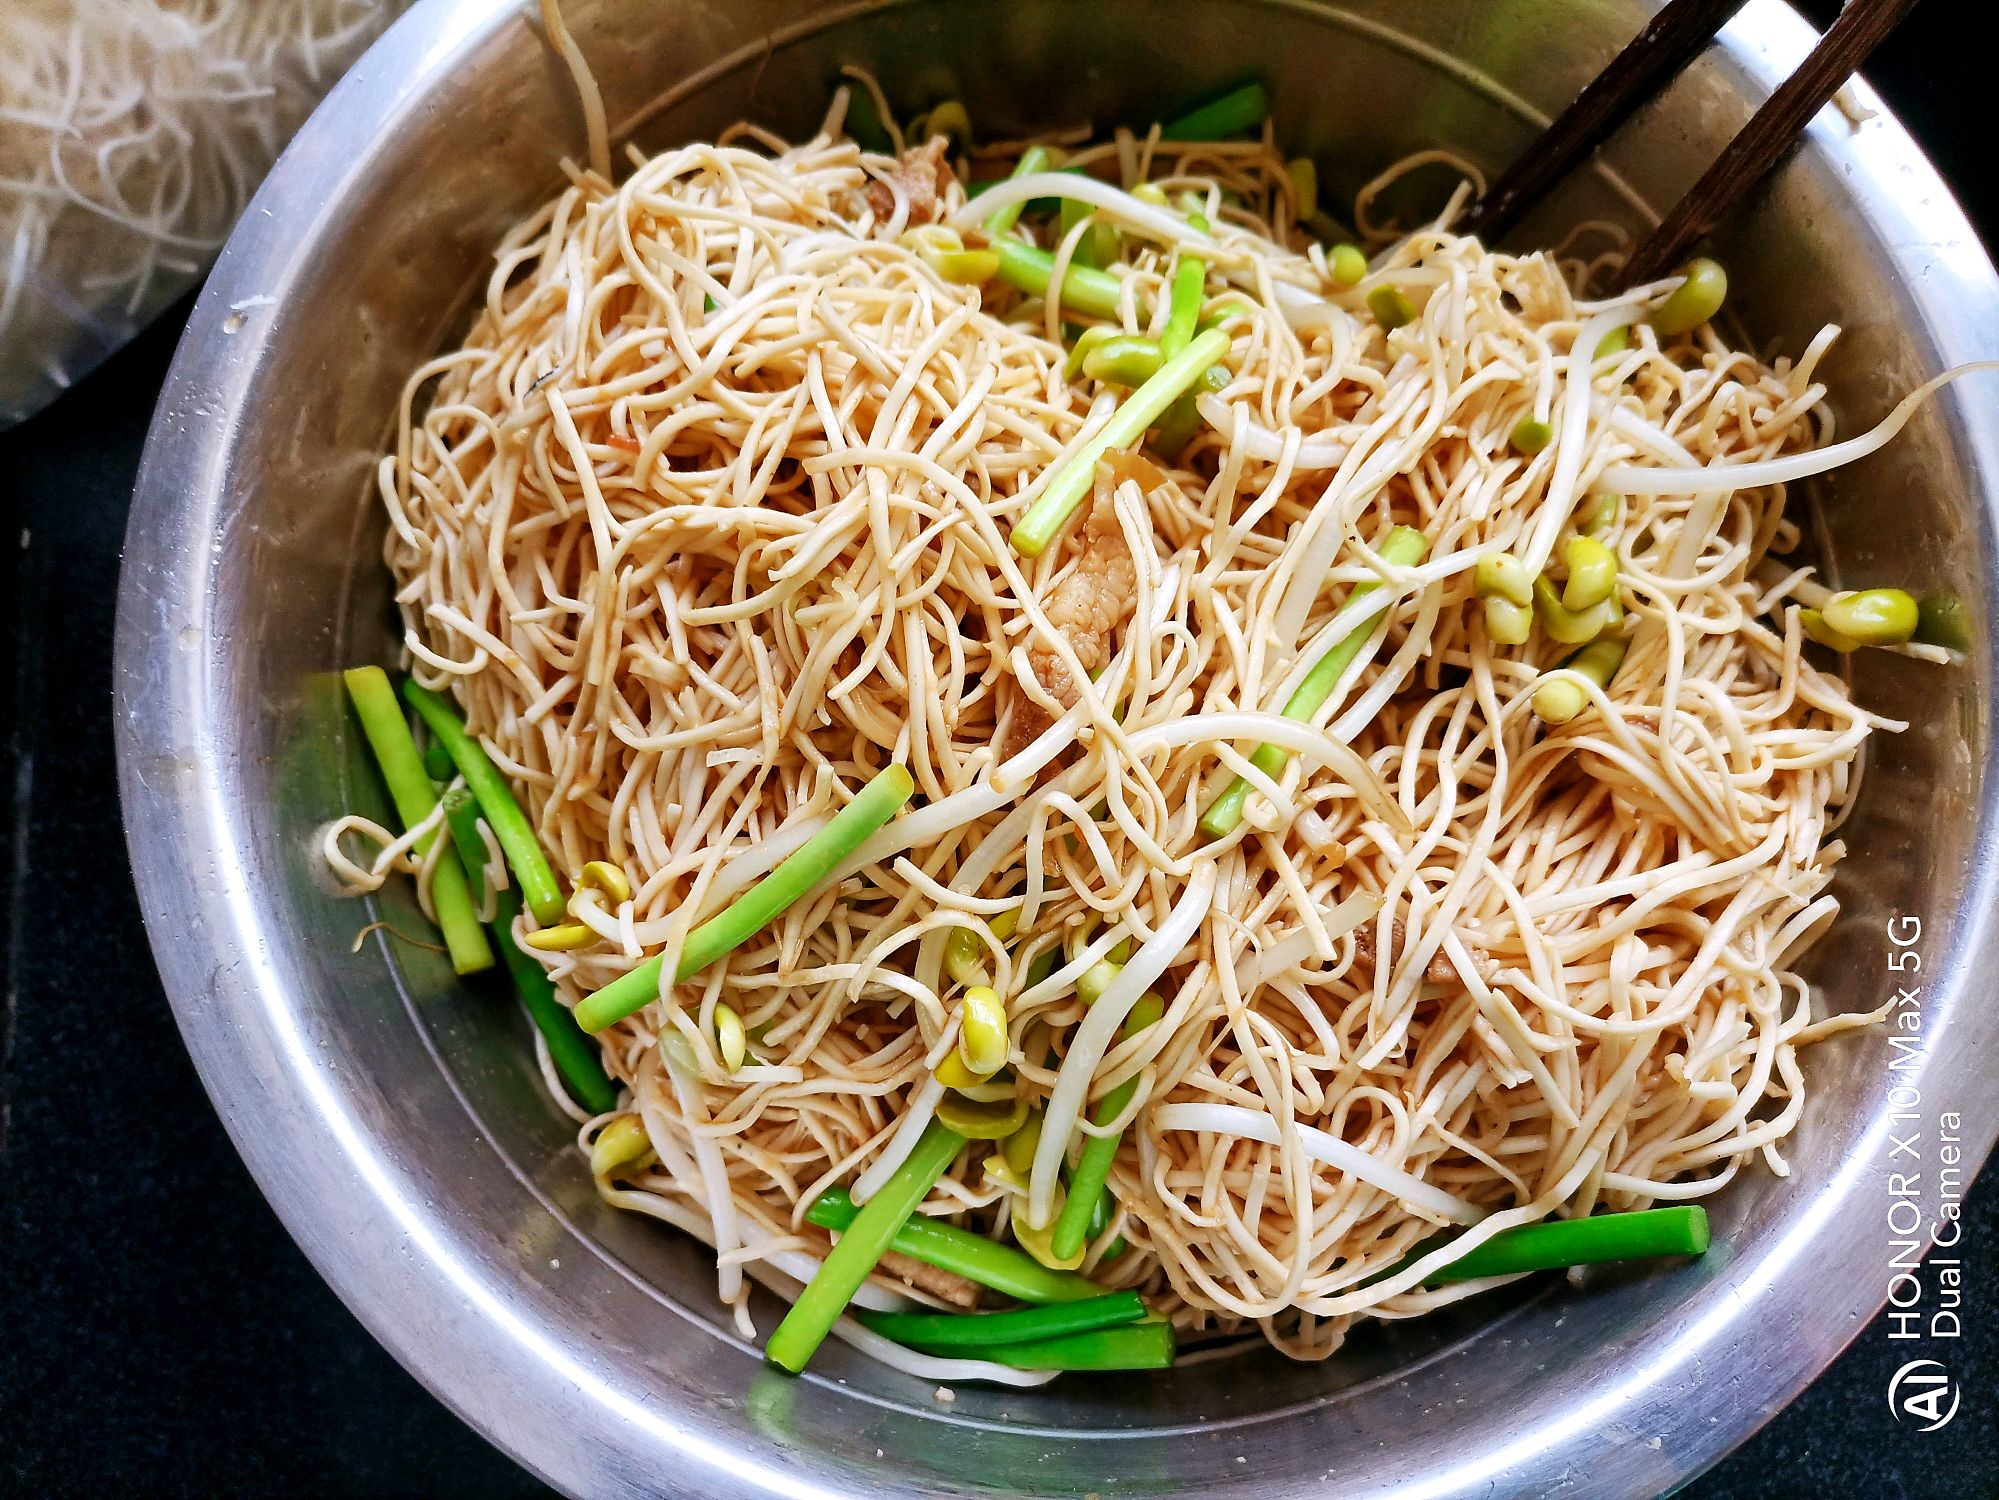 来自河南的河南版蒸卤面,简单又好吃,喜欢的做起来吧 美食做法 第10张